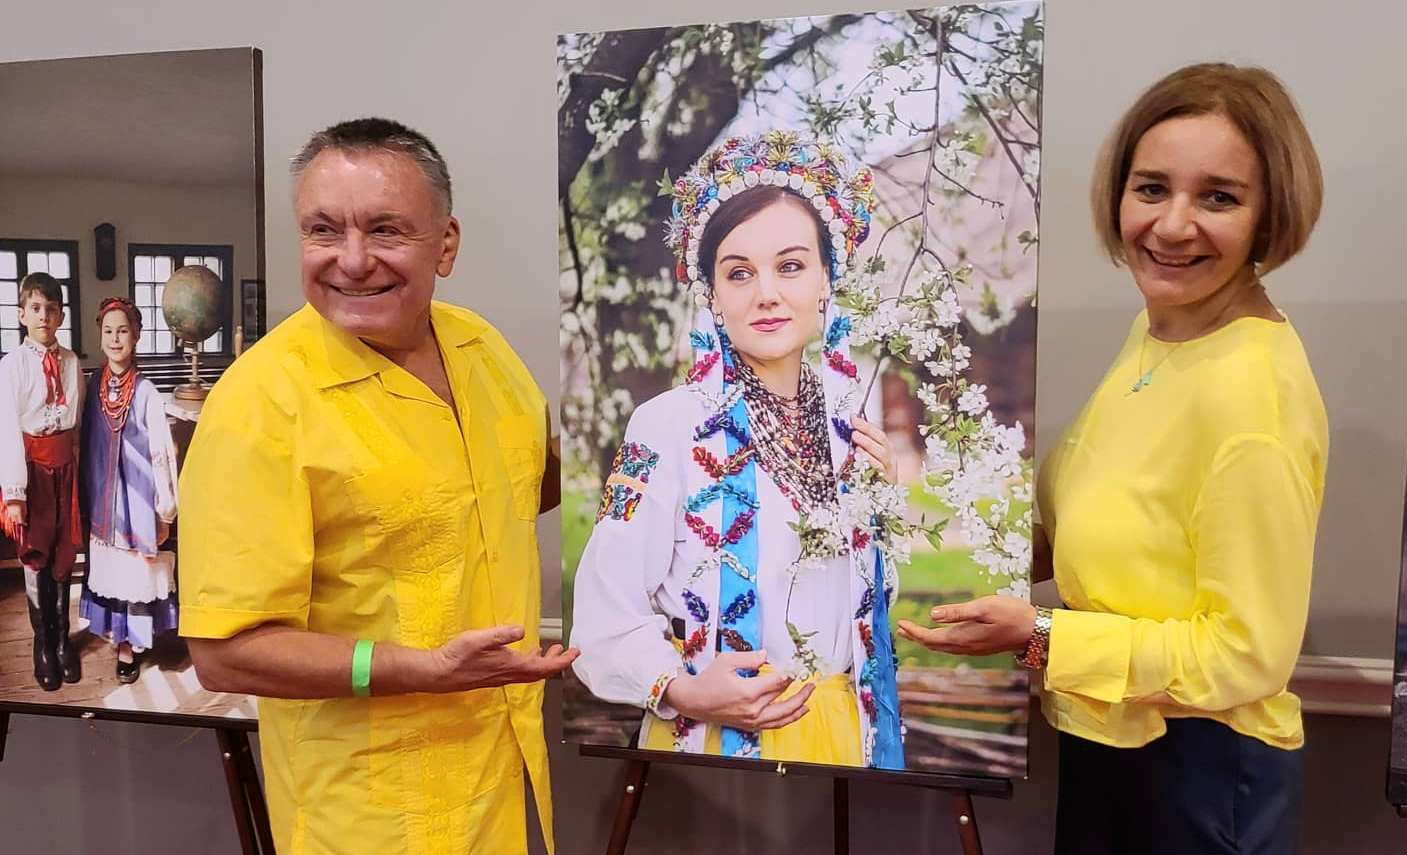 українська громада у Техасі